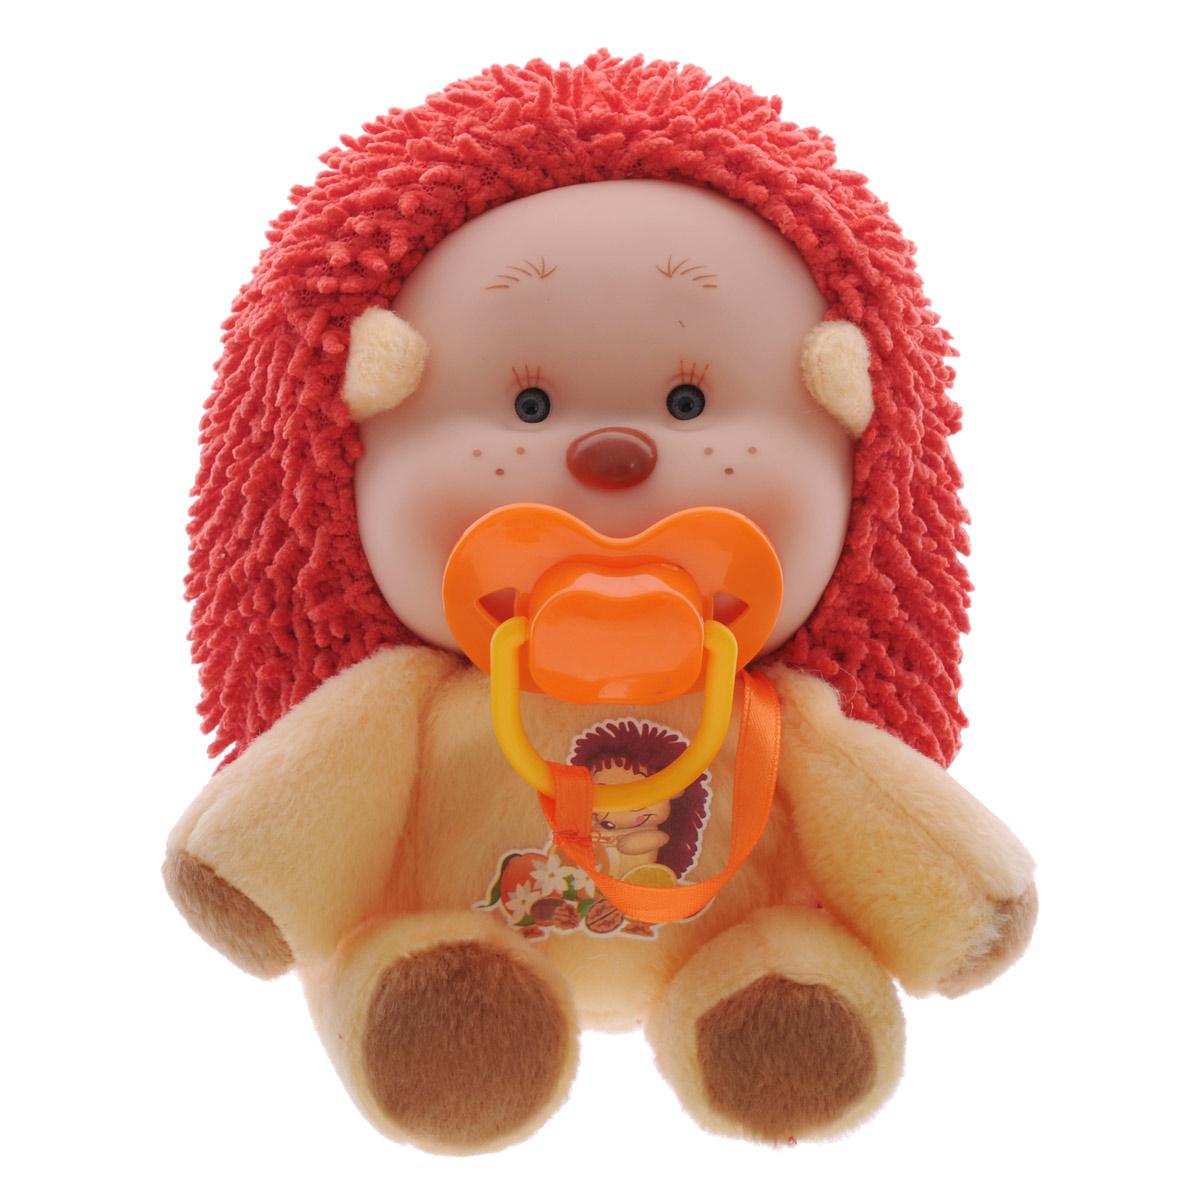 Yogurtinis Мягкая игрушка Лесные друзья Ёжик Энди15007-4Мягкая игрушка Yogurtinis Лесные друзья. Ёжик Энди с нежным ароматом станет лучшим другом для вашего малыша. Она выполнена из приятного на ощупь плюша нежных цветов в виде очаровательного ежика. Тело у игрушки мягкое, а милая мордашка выполнена из безопасного пластика. Дополнительно к игрушке прилагается соска, которая легко вставляется в ротик. Поставляется игрушка в фирменной пластиковой банке. Этот симпатичный ежик принесет радость и подарит своему обладателю мгновения нежных объятий и приятных воспоминаний. Великолепное качество исполнения делают эту игрушку чудесным подарком к любому празднику, а оригинальный жизнерадостный образ представит такой подарок в самом лучшем свете.